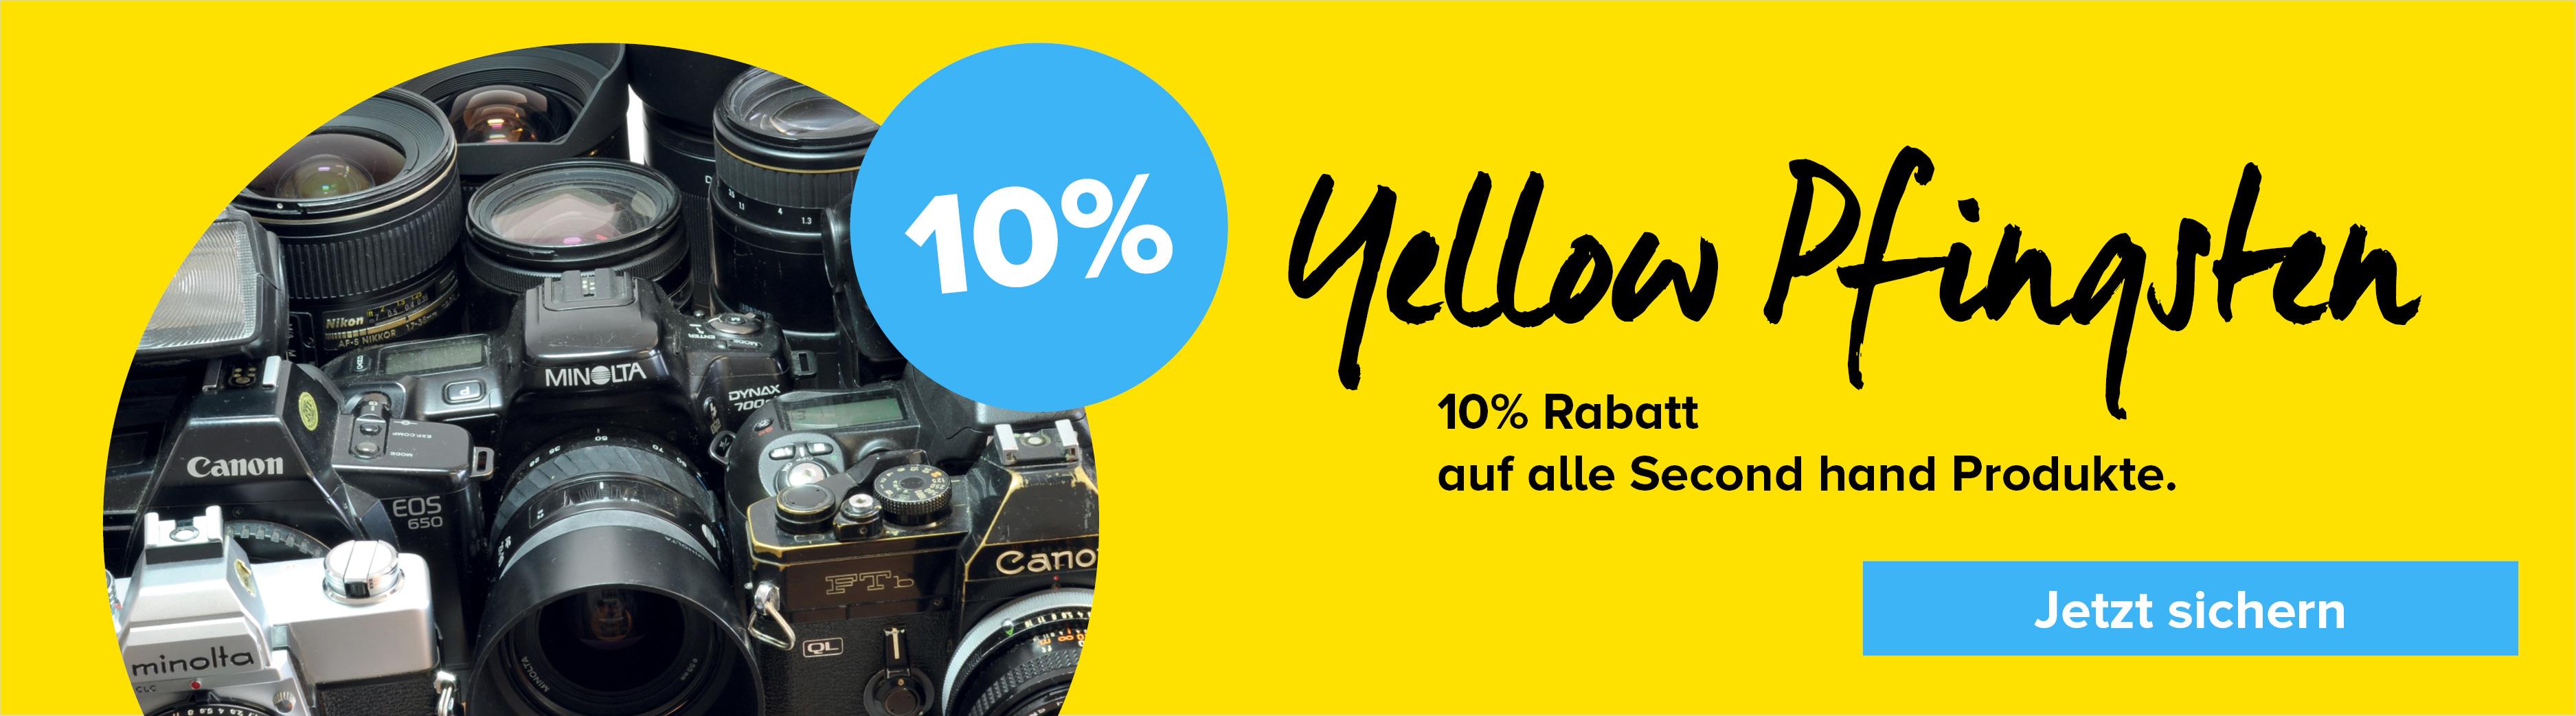 Yellow Pfingsten